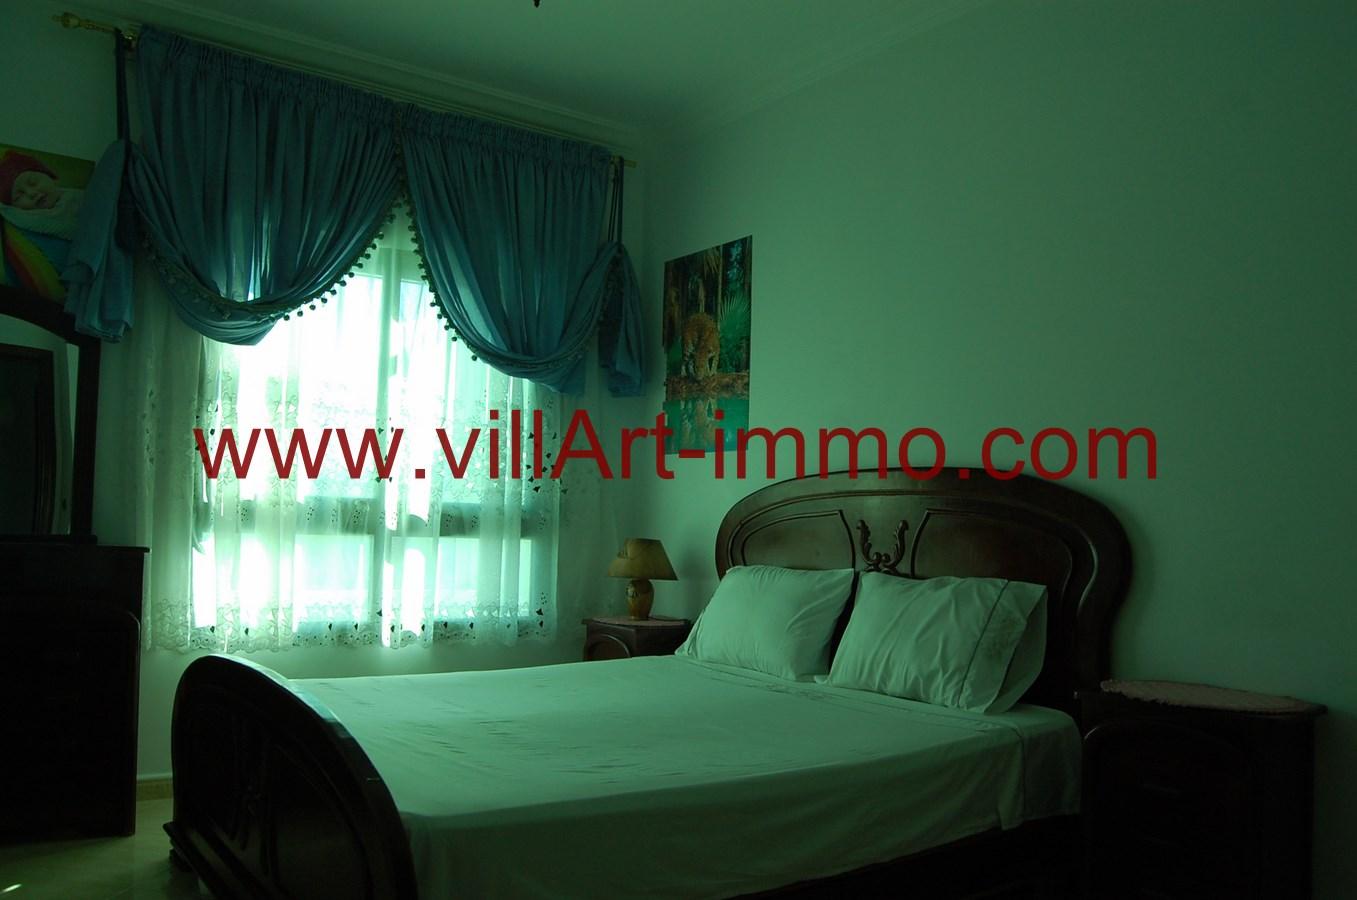 8-A louer-Appartement-Meublé-Tanger-Chambre 2-L900-Villart immo